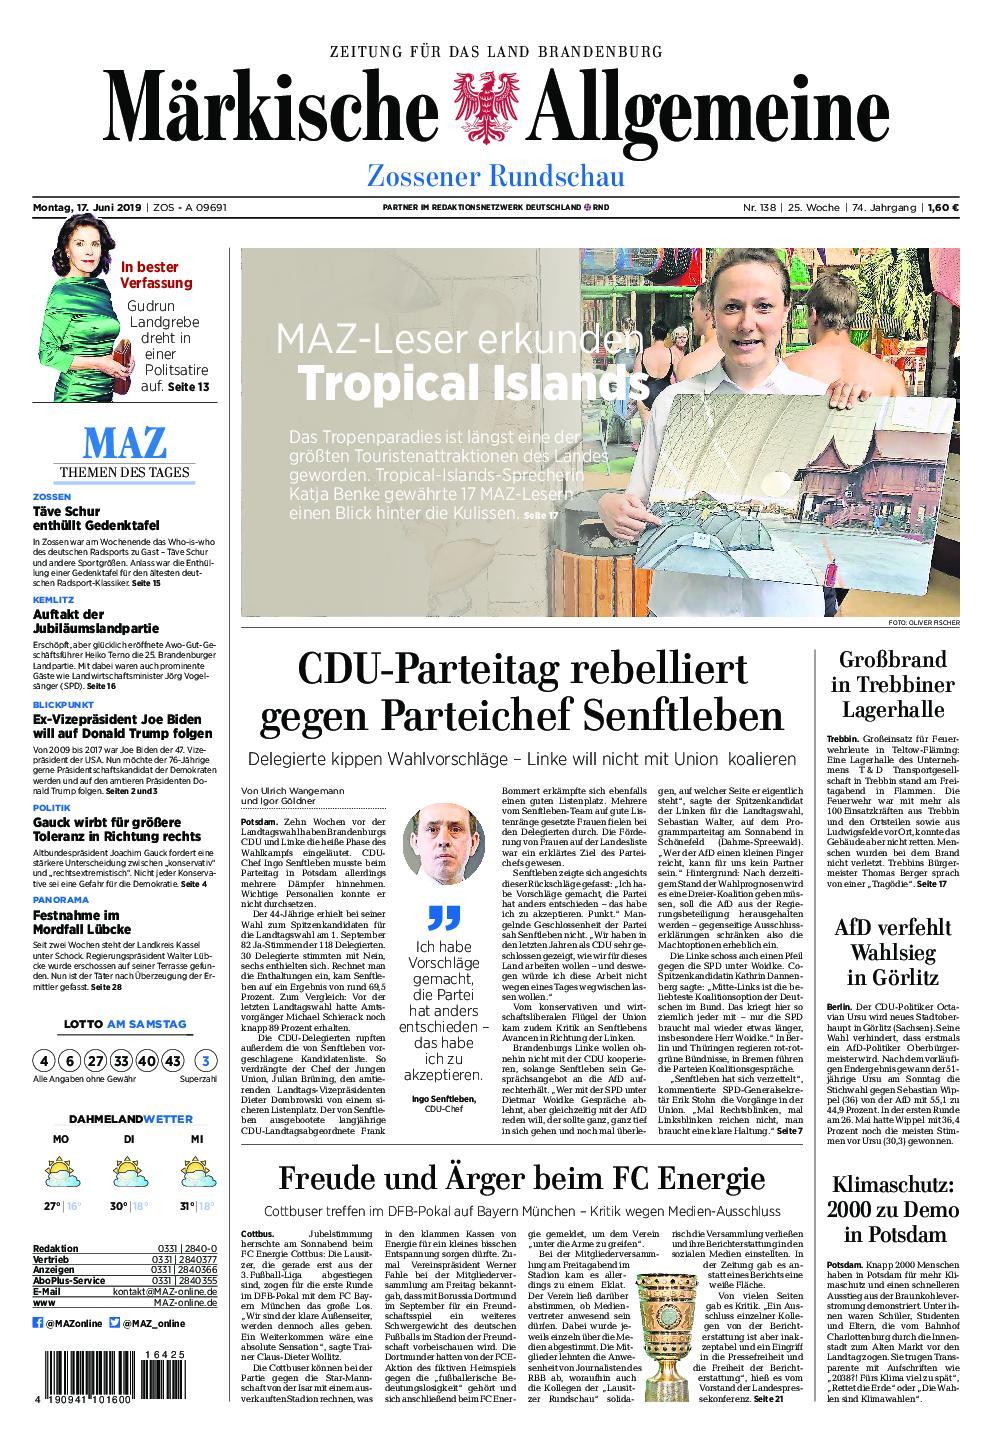 Märkische Allgemeine Zossener Rundschau - 17. Juni 2019